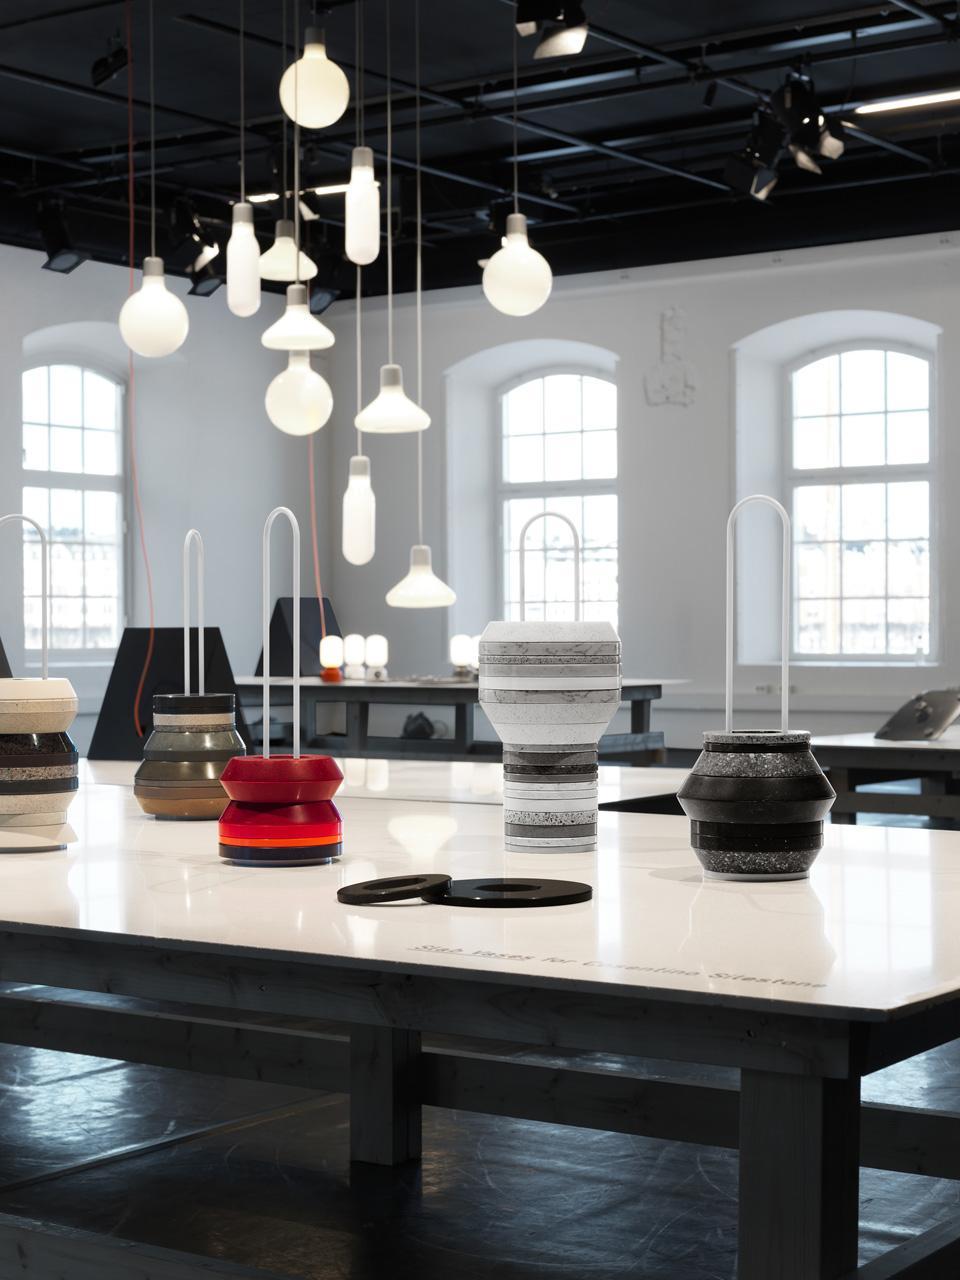 Luci Soffitto Design: Lampada da parete lampada da soffitto infinito by david...